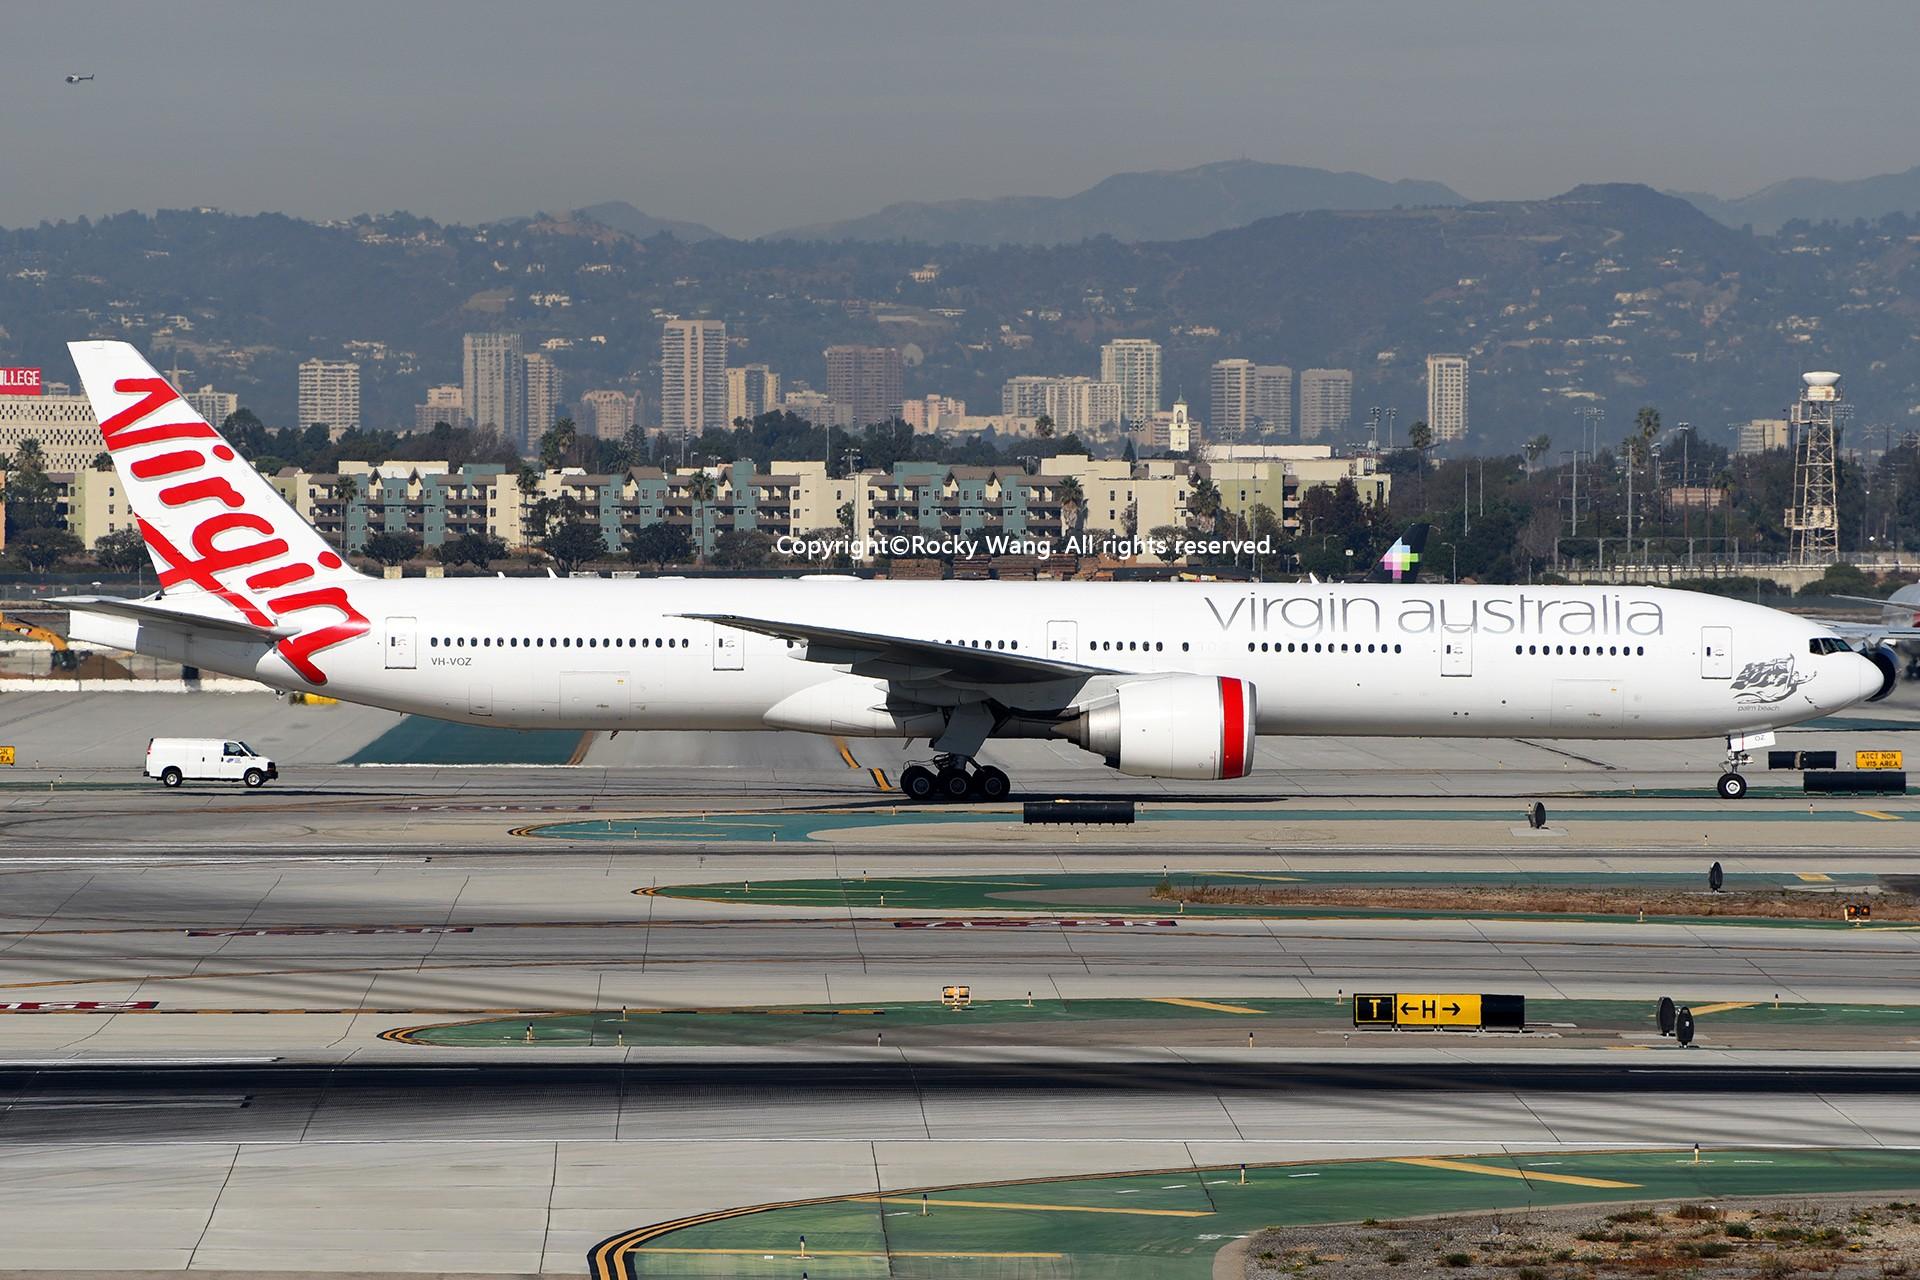 Re:[原创]KLAX 30图 BOEING 777-3ZGER VH-VOZ Los Angeles Int'l Airport